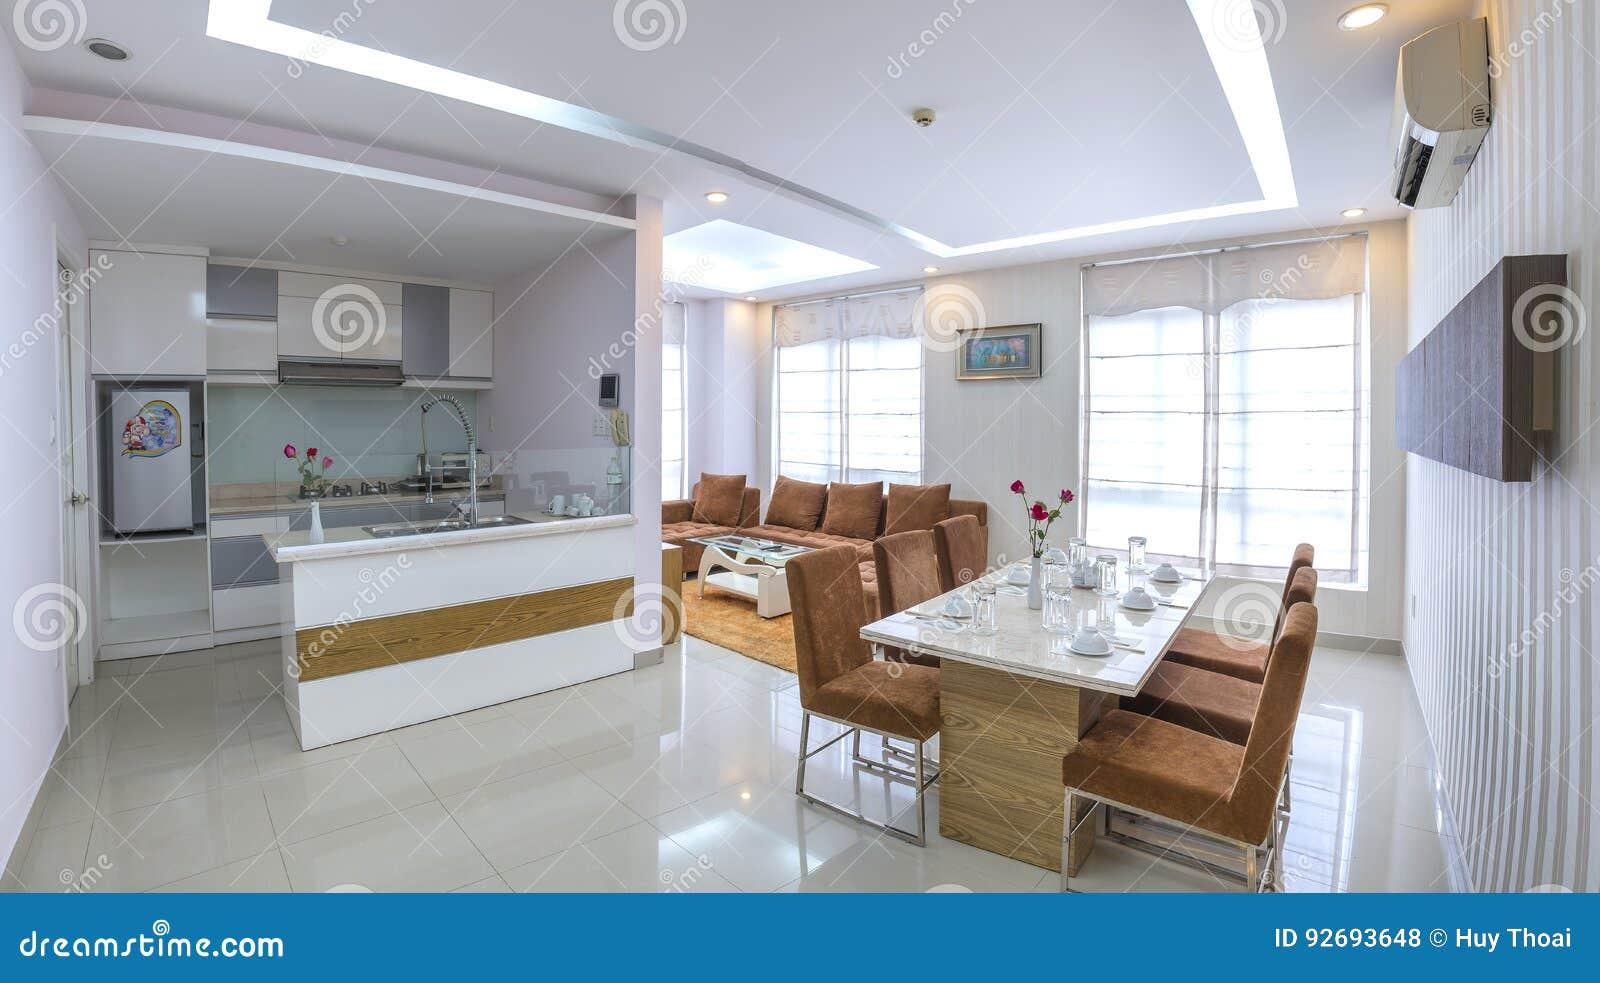 Mai 2017: Moderne Artwohnung Kombiniert Wohnzimmer, Esszimmer, Großer Raum,  Bequemer, Sauberer, Luxuriöser Innentraum In Ho Chi Minh Stadt, Vietnam